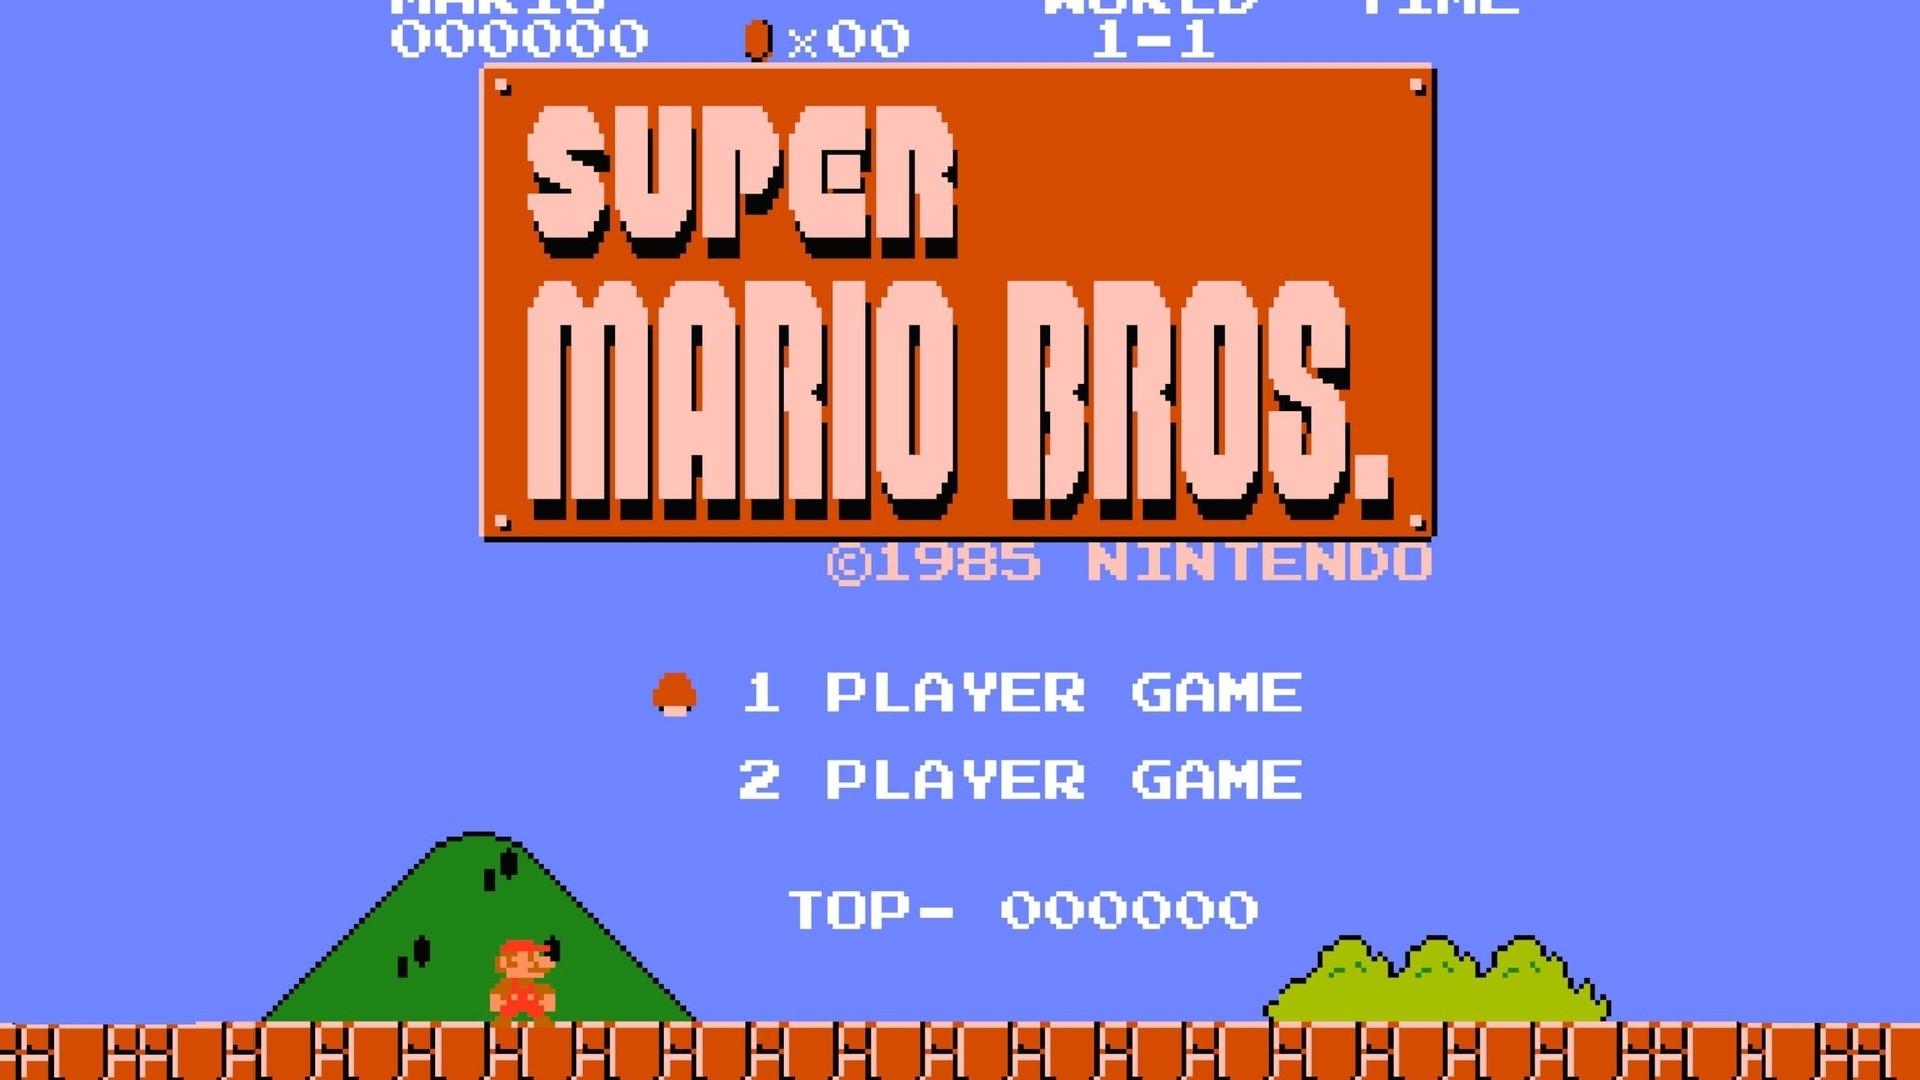 Description: Download Nintendo video games super mario bros retro games  wallpaper/desktop background in HD & Widescreen resolution.